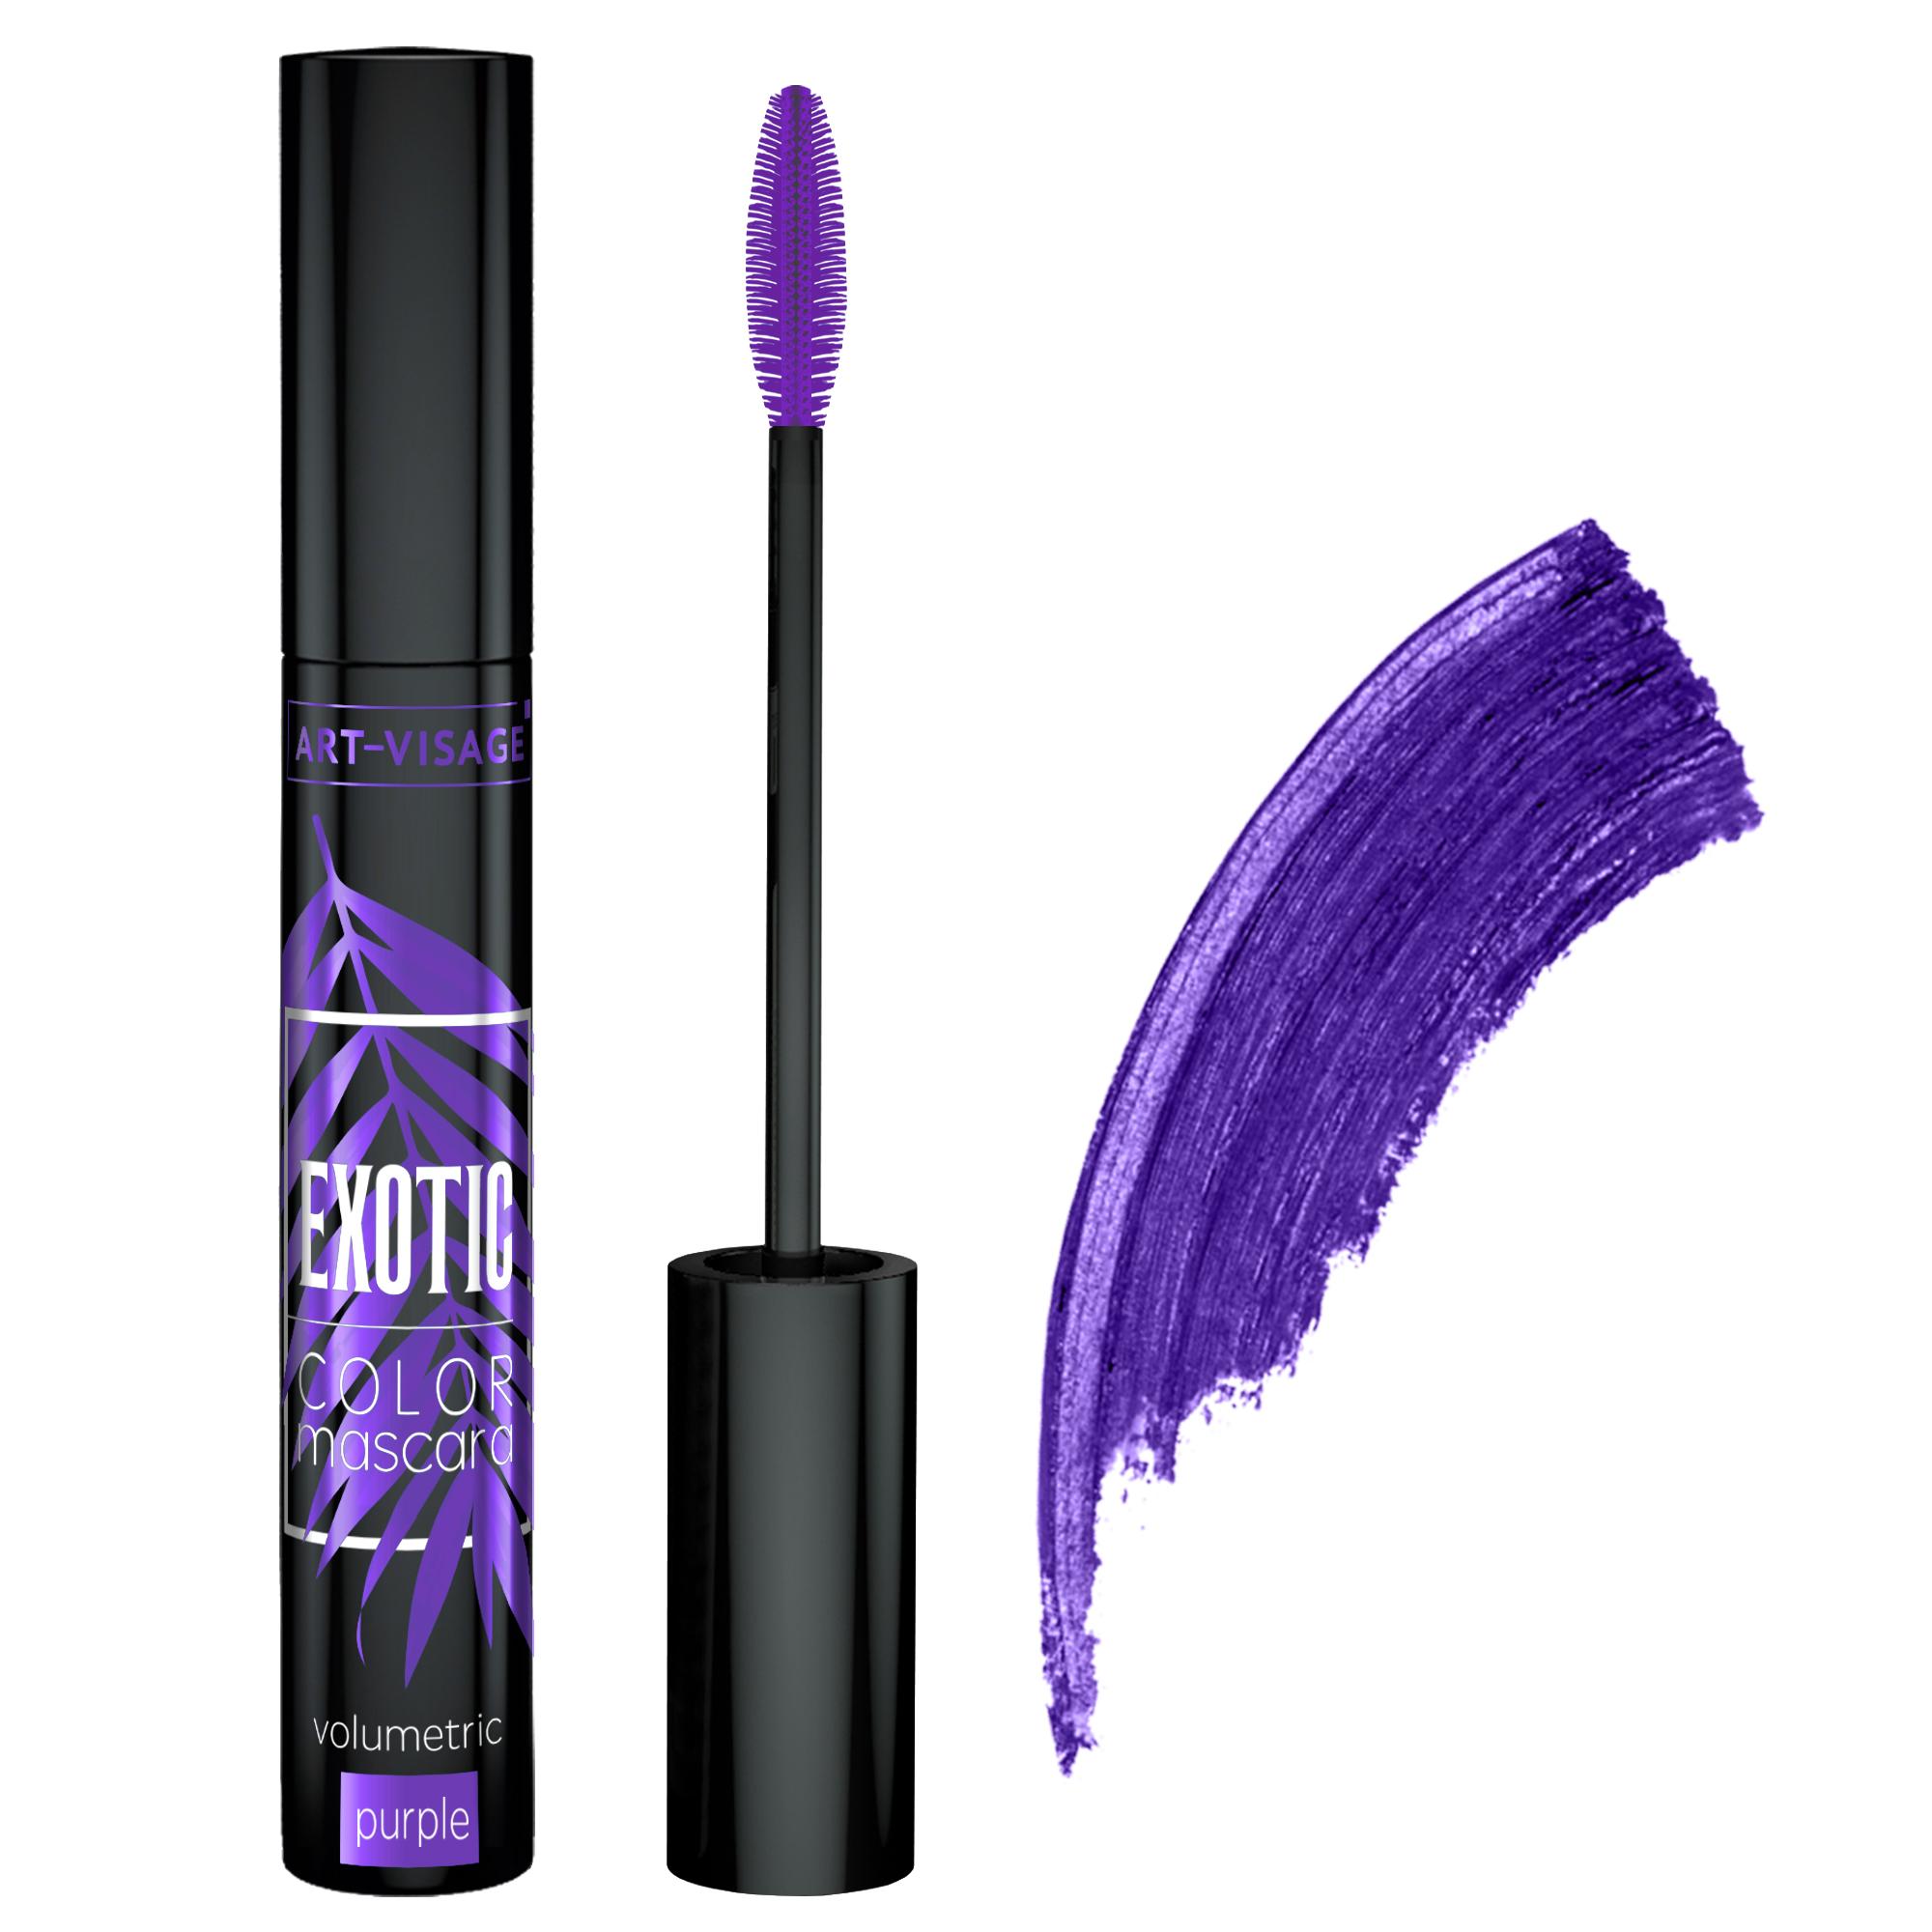 Купить Тушь для ресниц ART-VISAGE ART-VISAGE цветная EXOTIC Фиолетовая